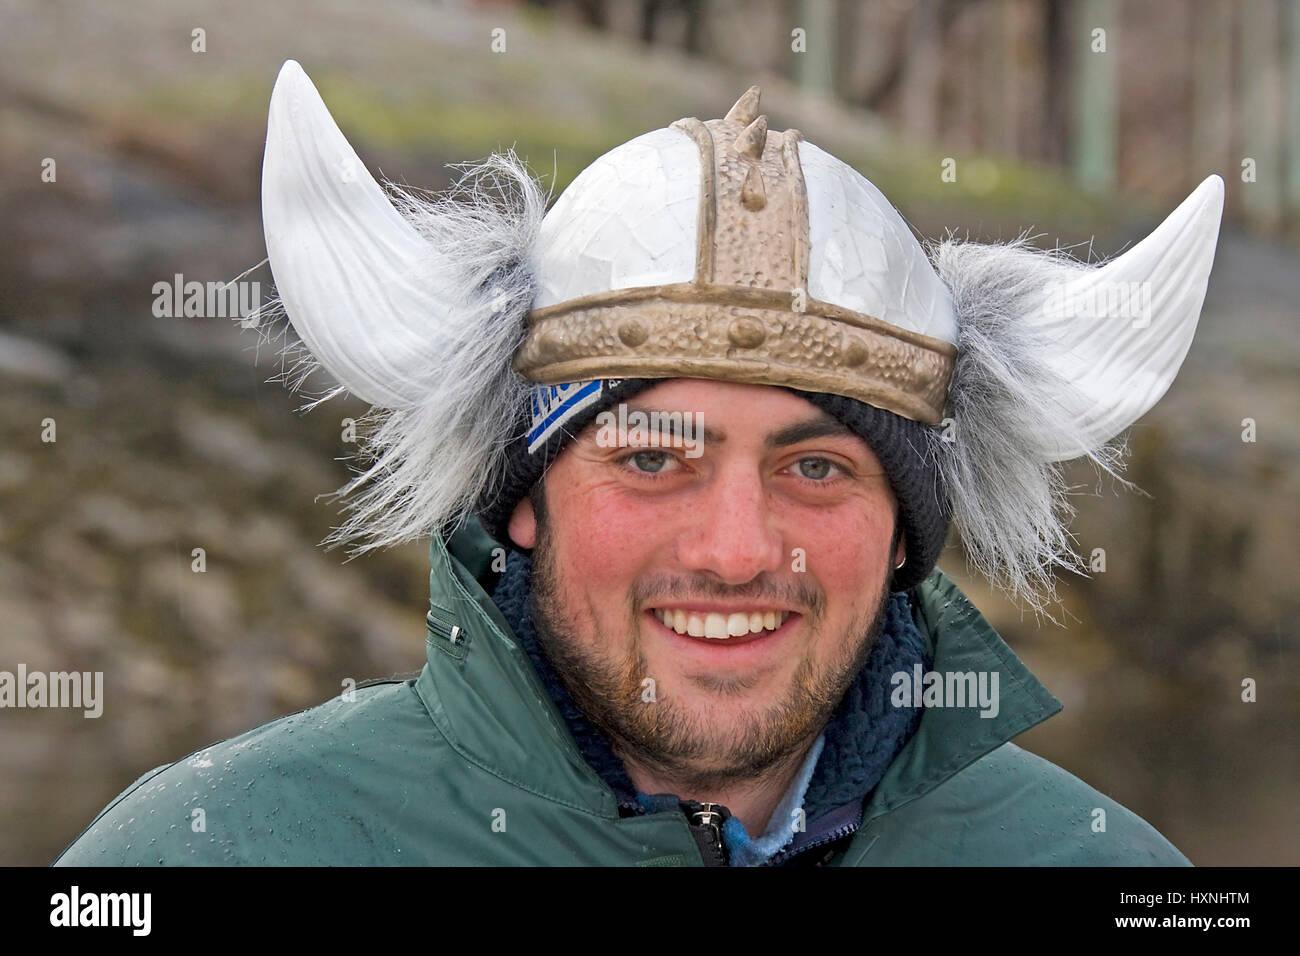 Of modern Vikings, Lofoten , Moderner Wikinger - Stock Image